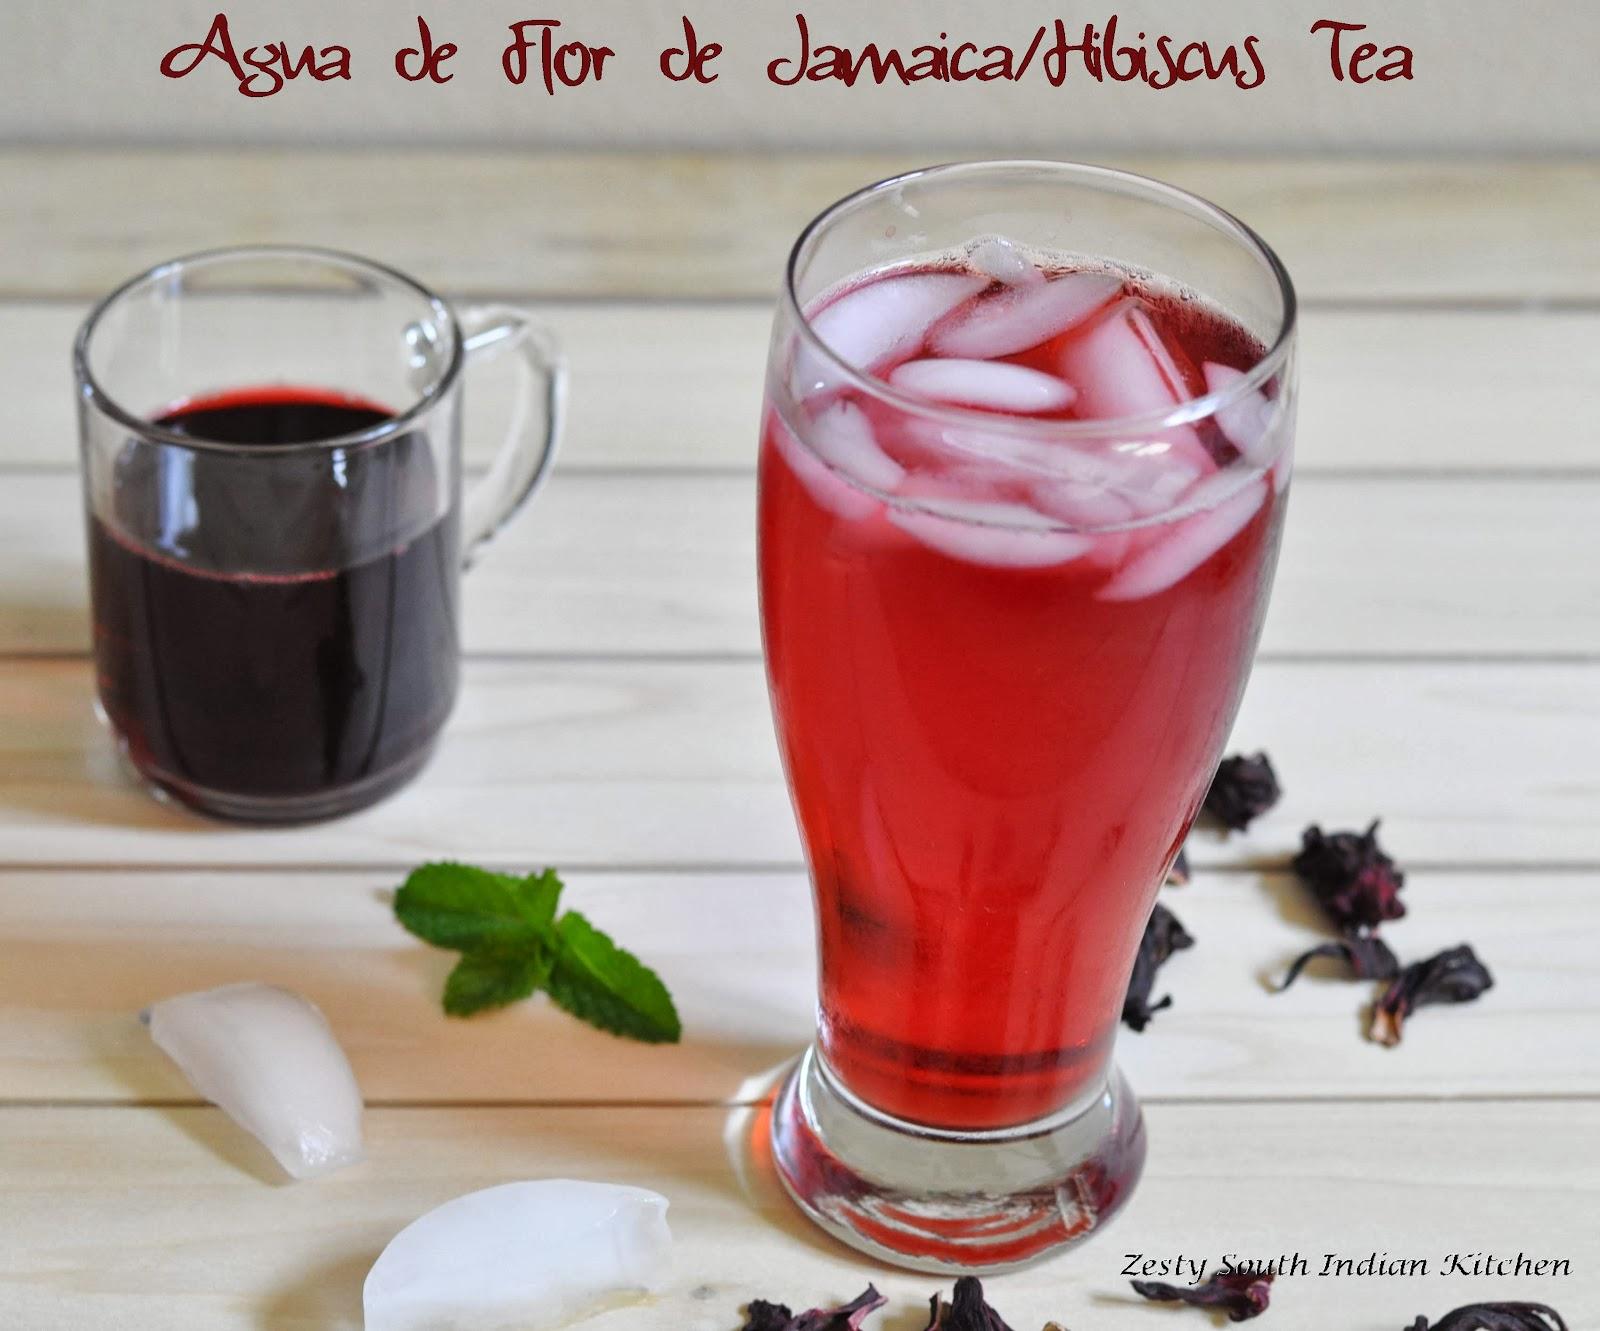 Agua Flor De Jamaicaagua Fresca Flor De Jamaicahibiscus Tea